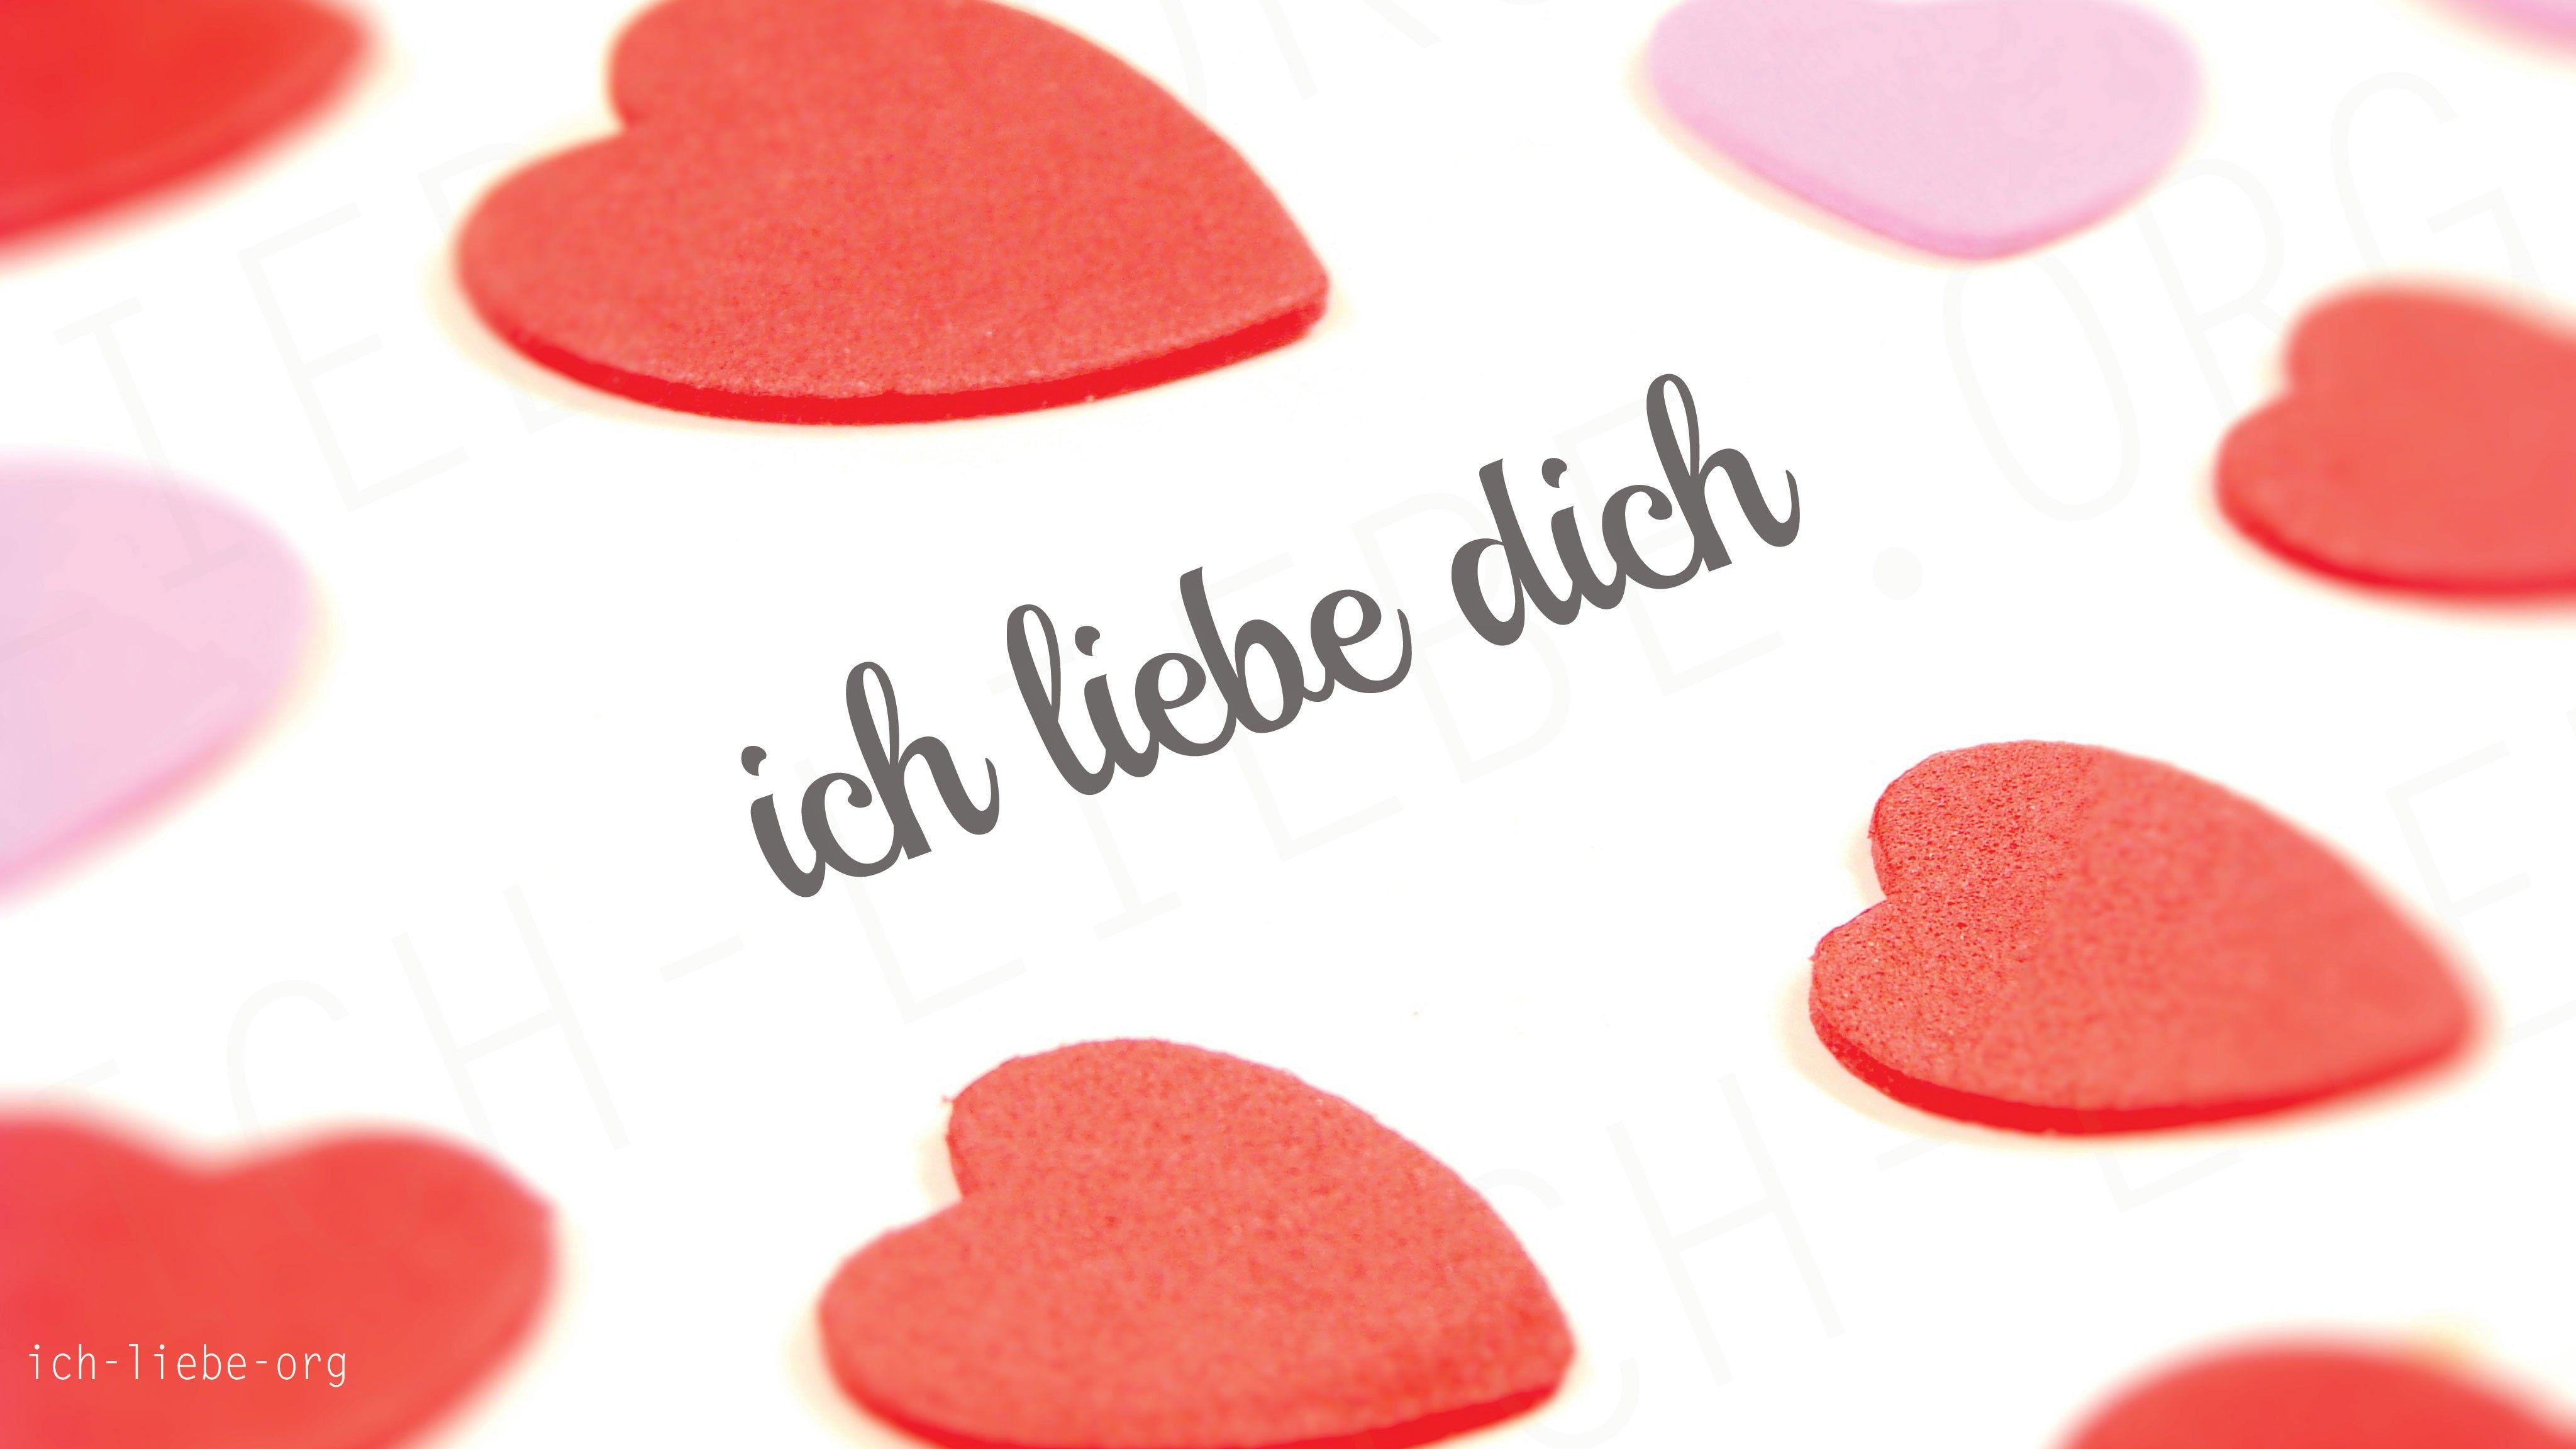 Frisch Malvorlagen Liebesbilder Malvorlagen Malvorlagenfurkinder Malvorlagenfurerwachsene Liebe Bilder Liebe Valentinstag Spruche